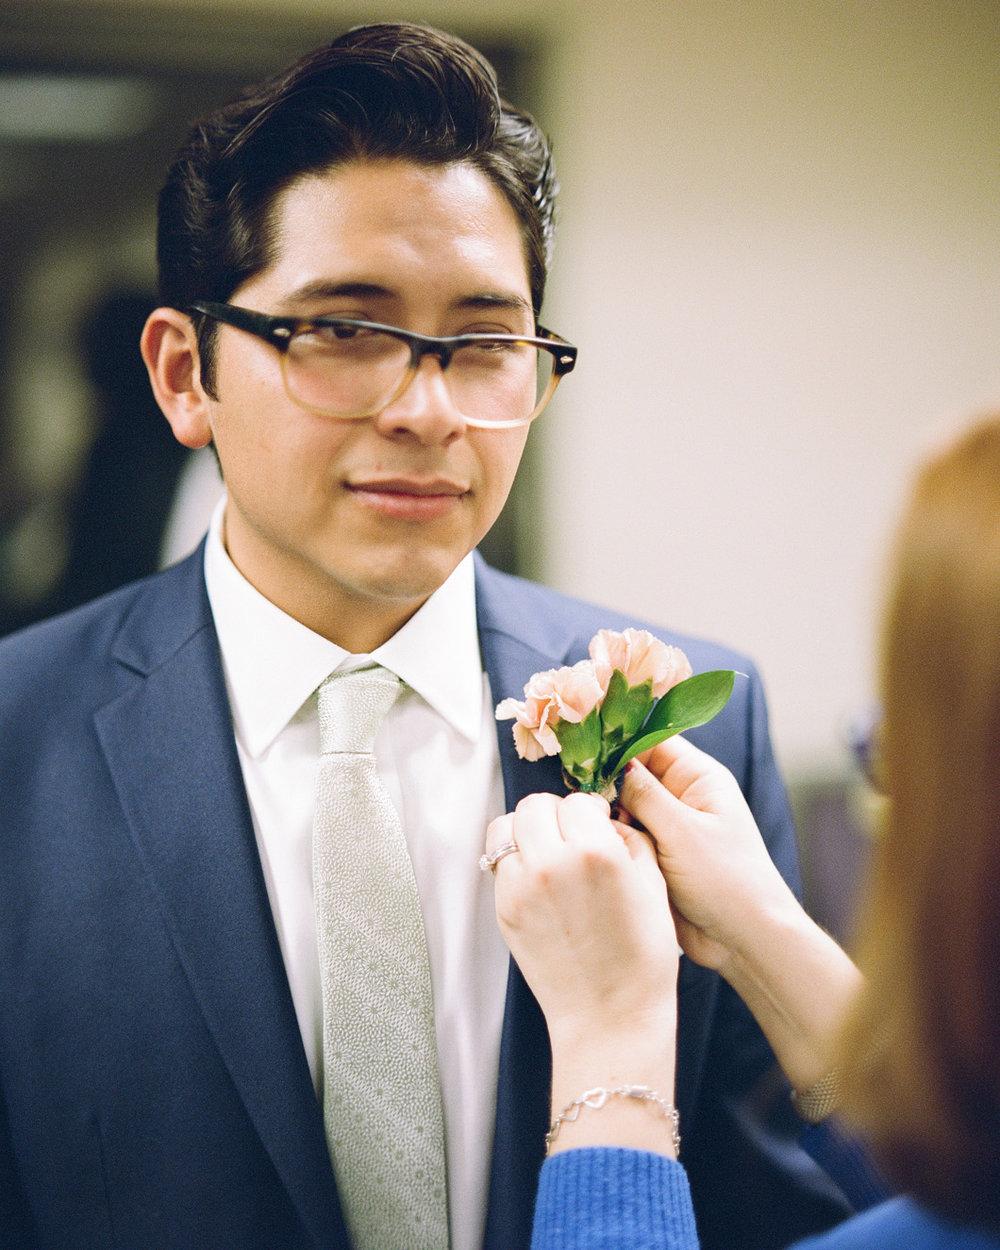 07_wedding-flowers-groomsmen.jpg